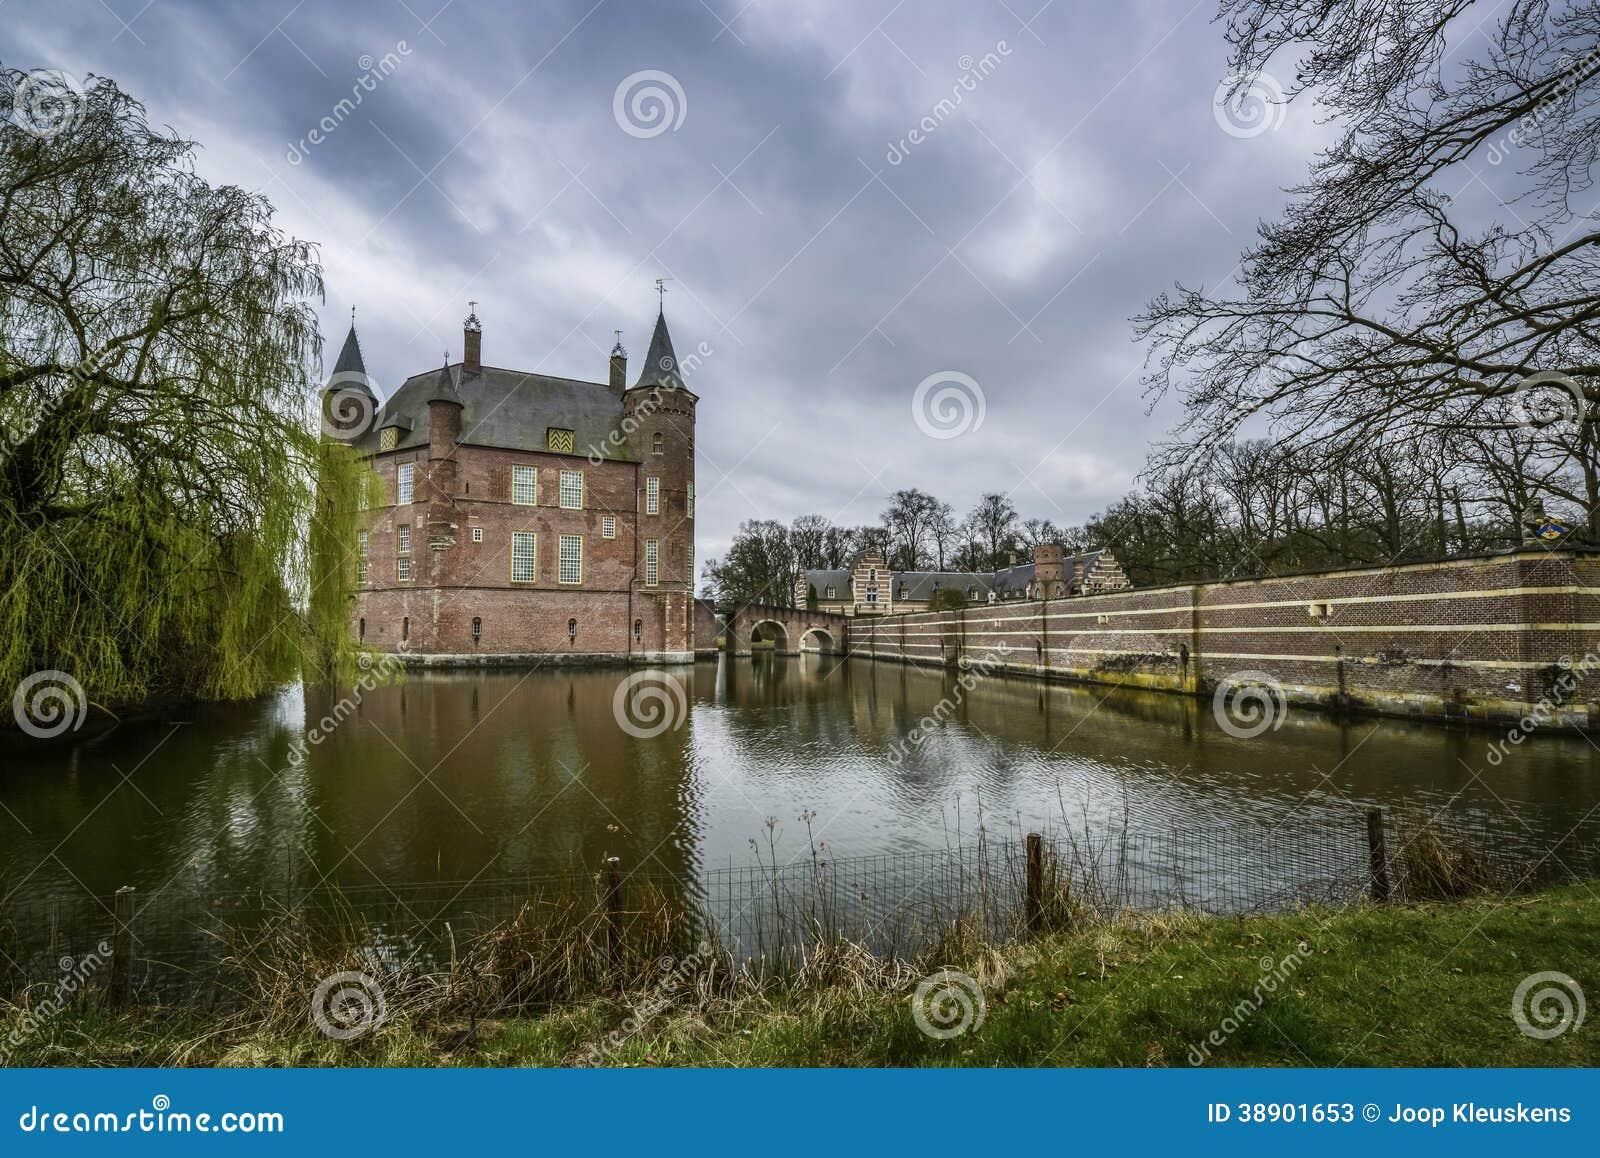 Dutch castle heeswijk